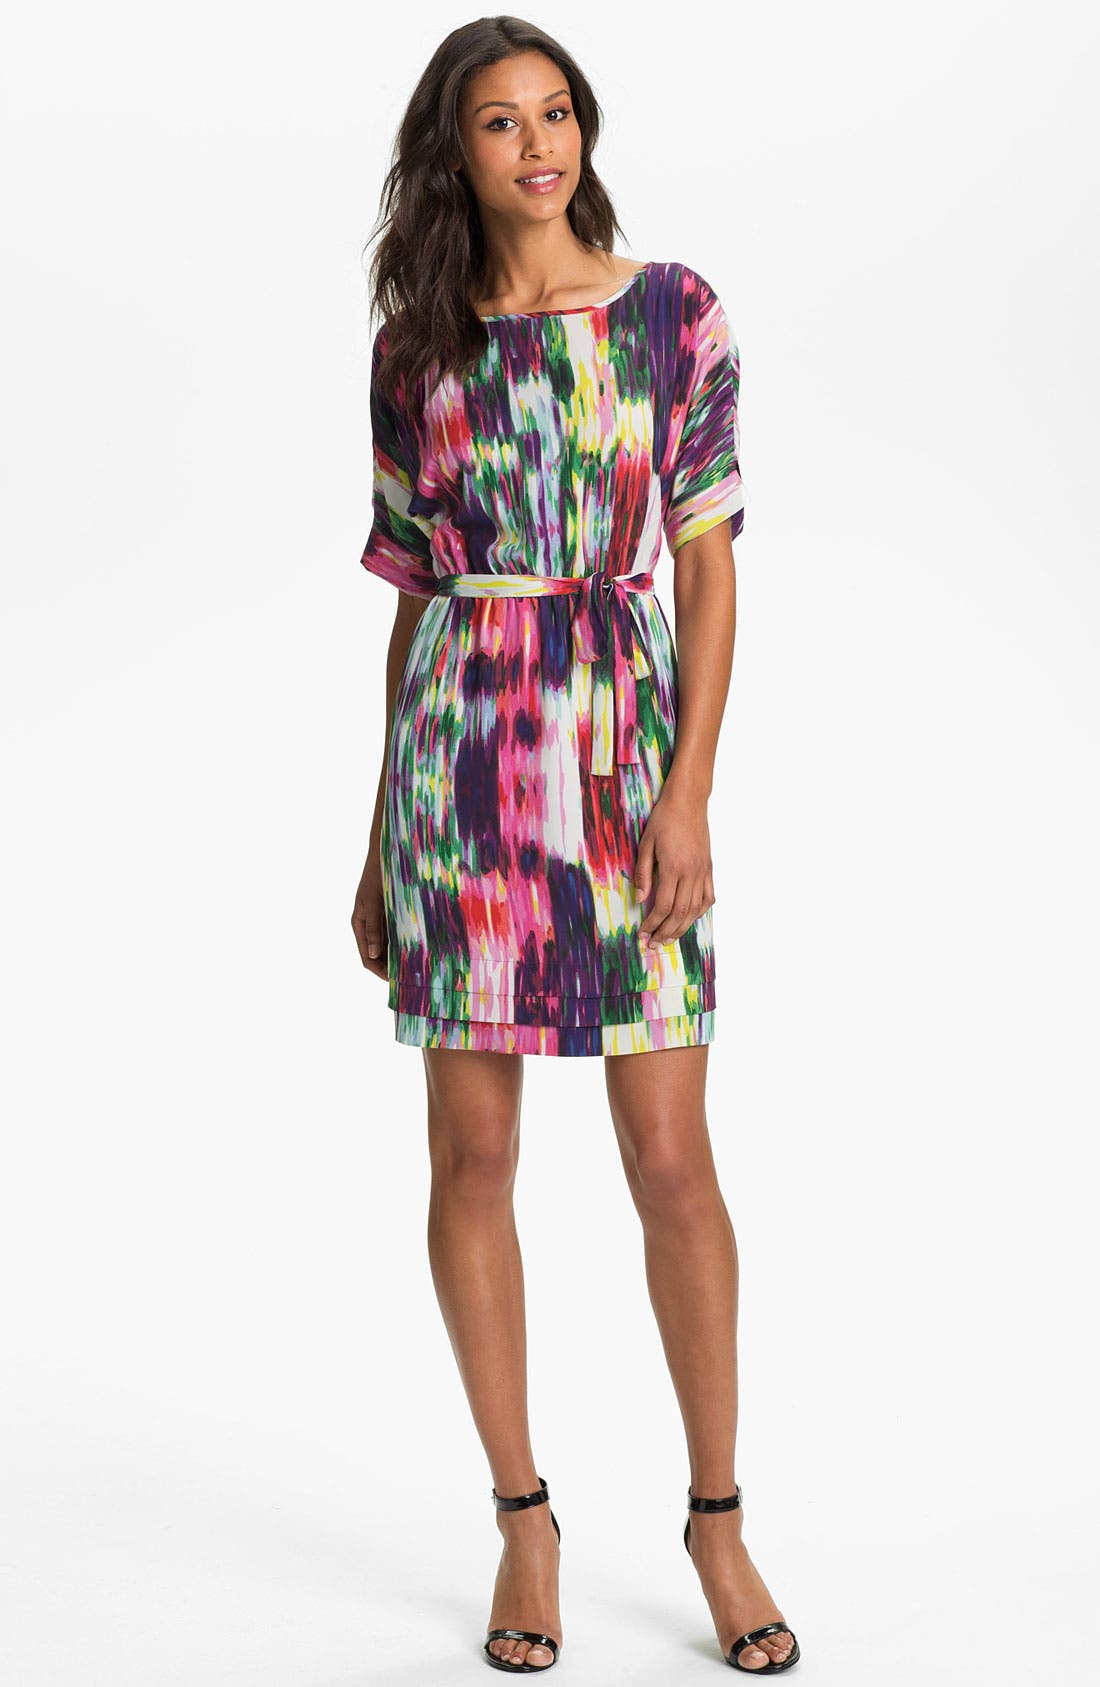 Alternate Image 1 Selected - Presley Skye Dolman Sleeve Print Dress